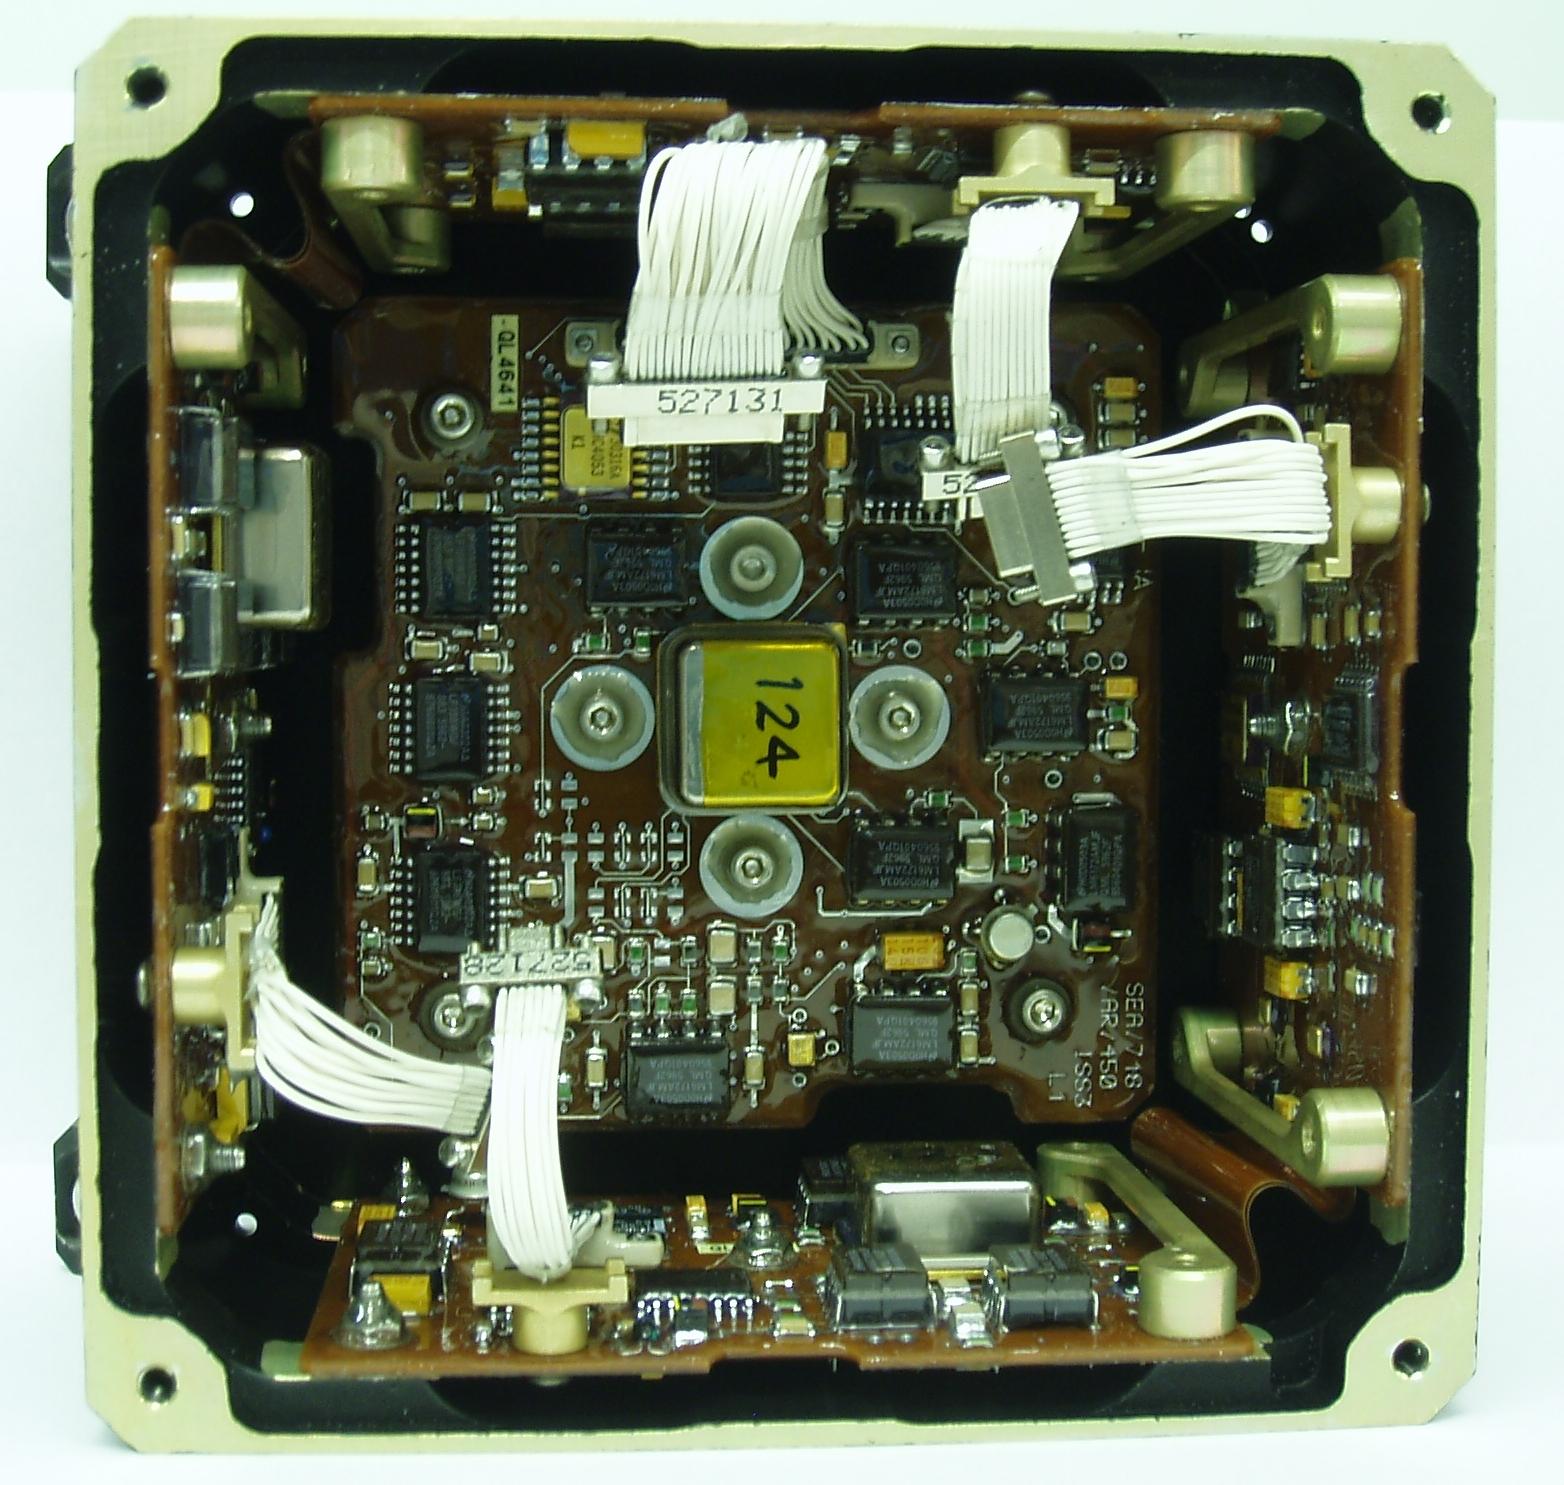 Sentinel 3 Spacecraft Copernicus Bpc 1 Dual Fuel Control Wiring Diagram Mems Gyro Interior Photo Esa